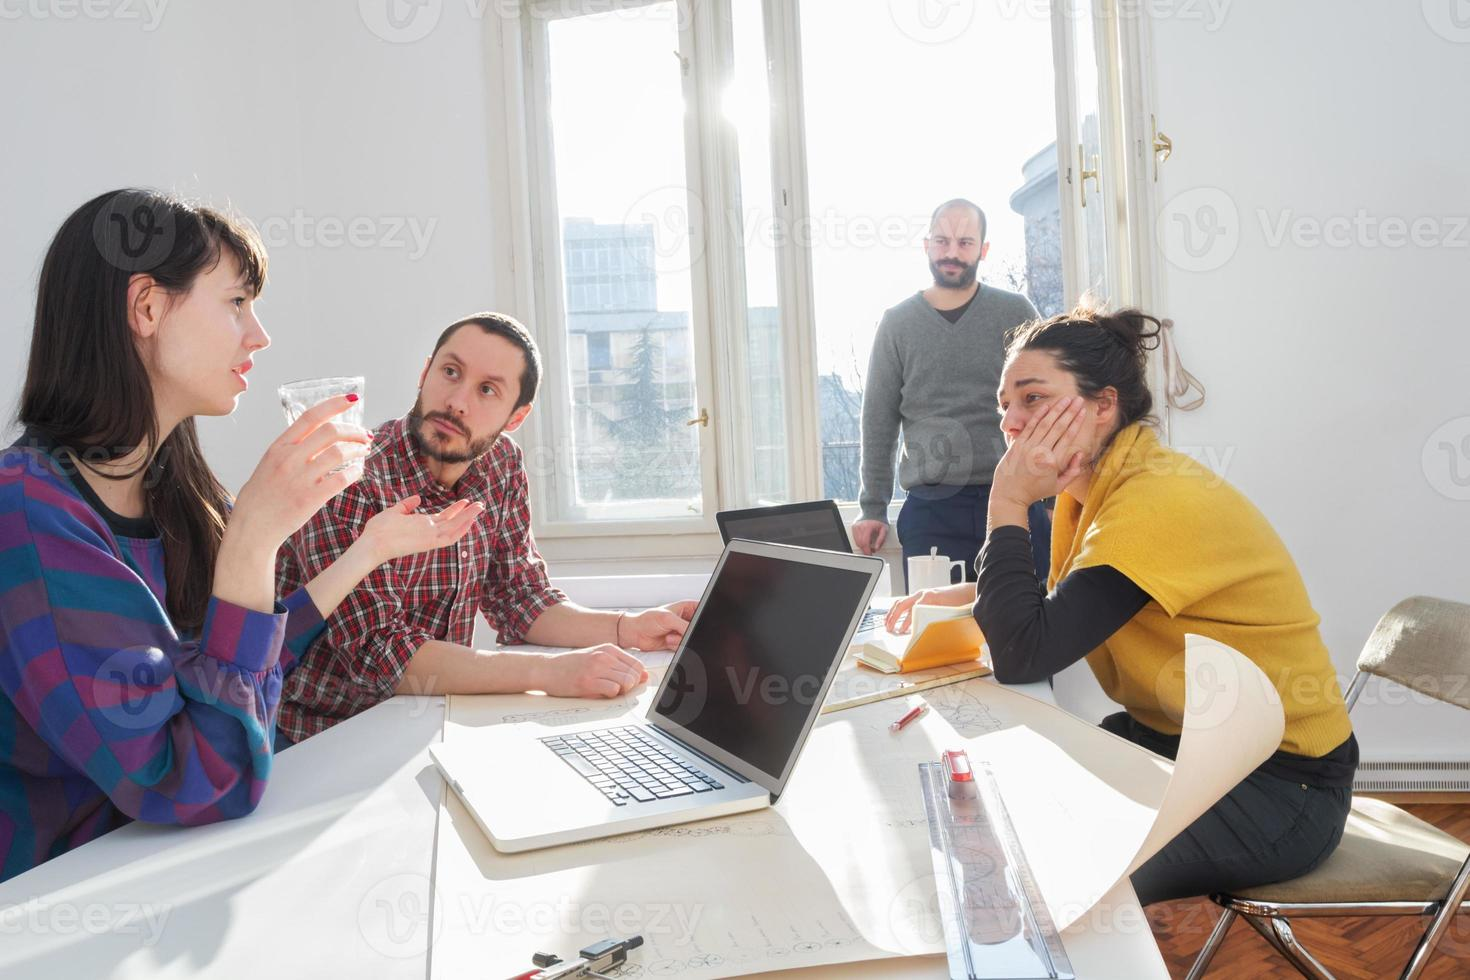 jonge groep mensen / architecten die bedrijfsplannen bespreken foto